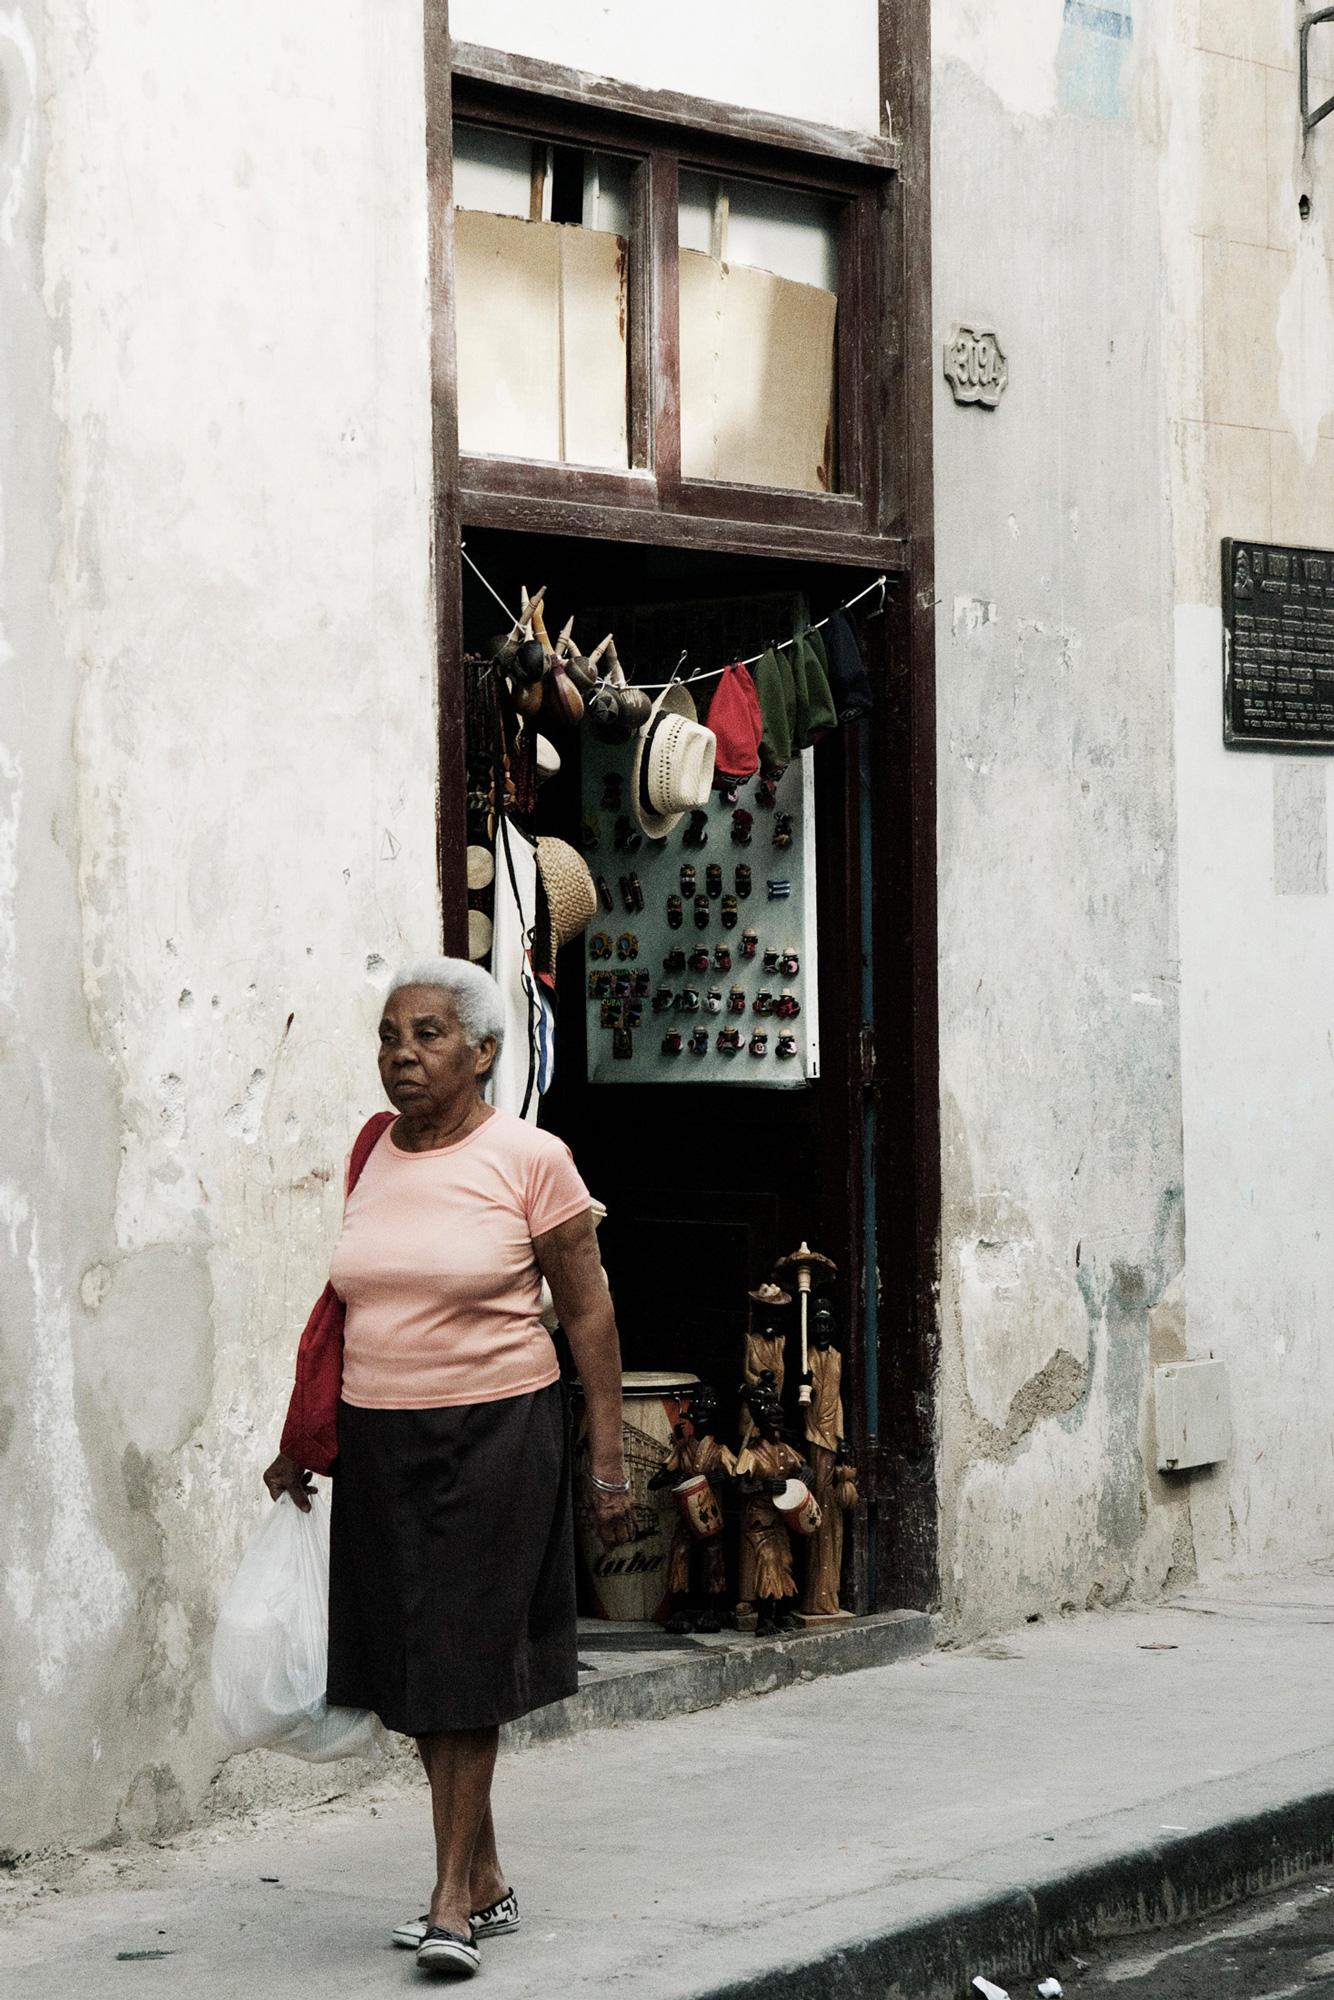 cuba femme marche mur gris porte marchand